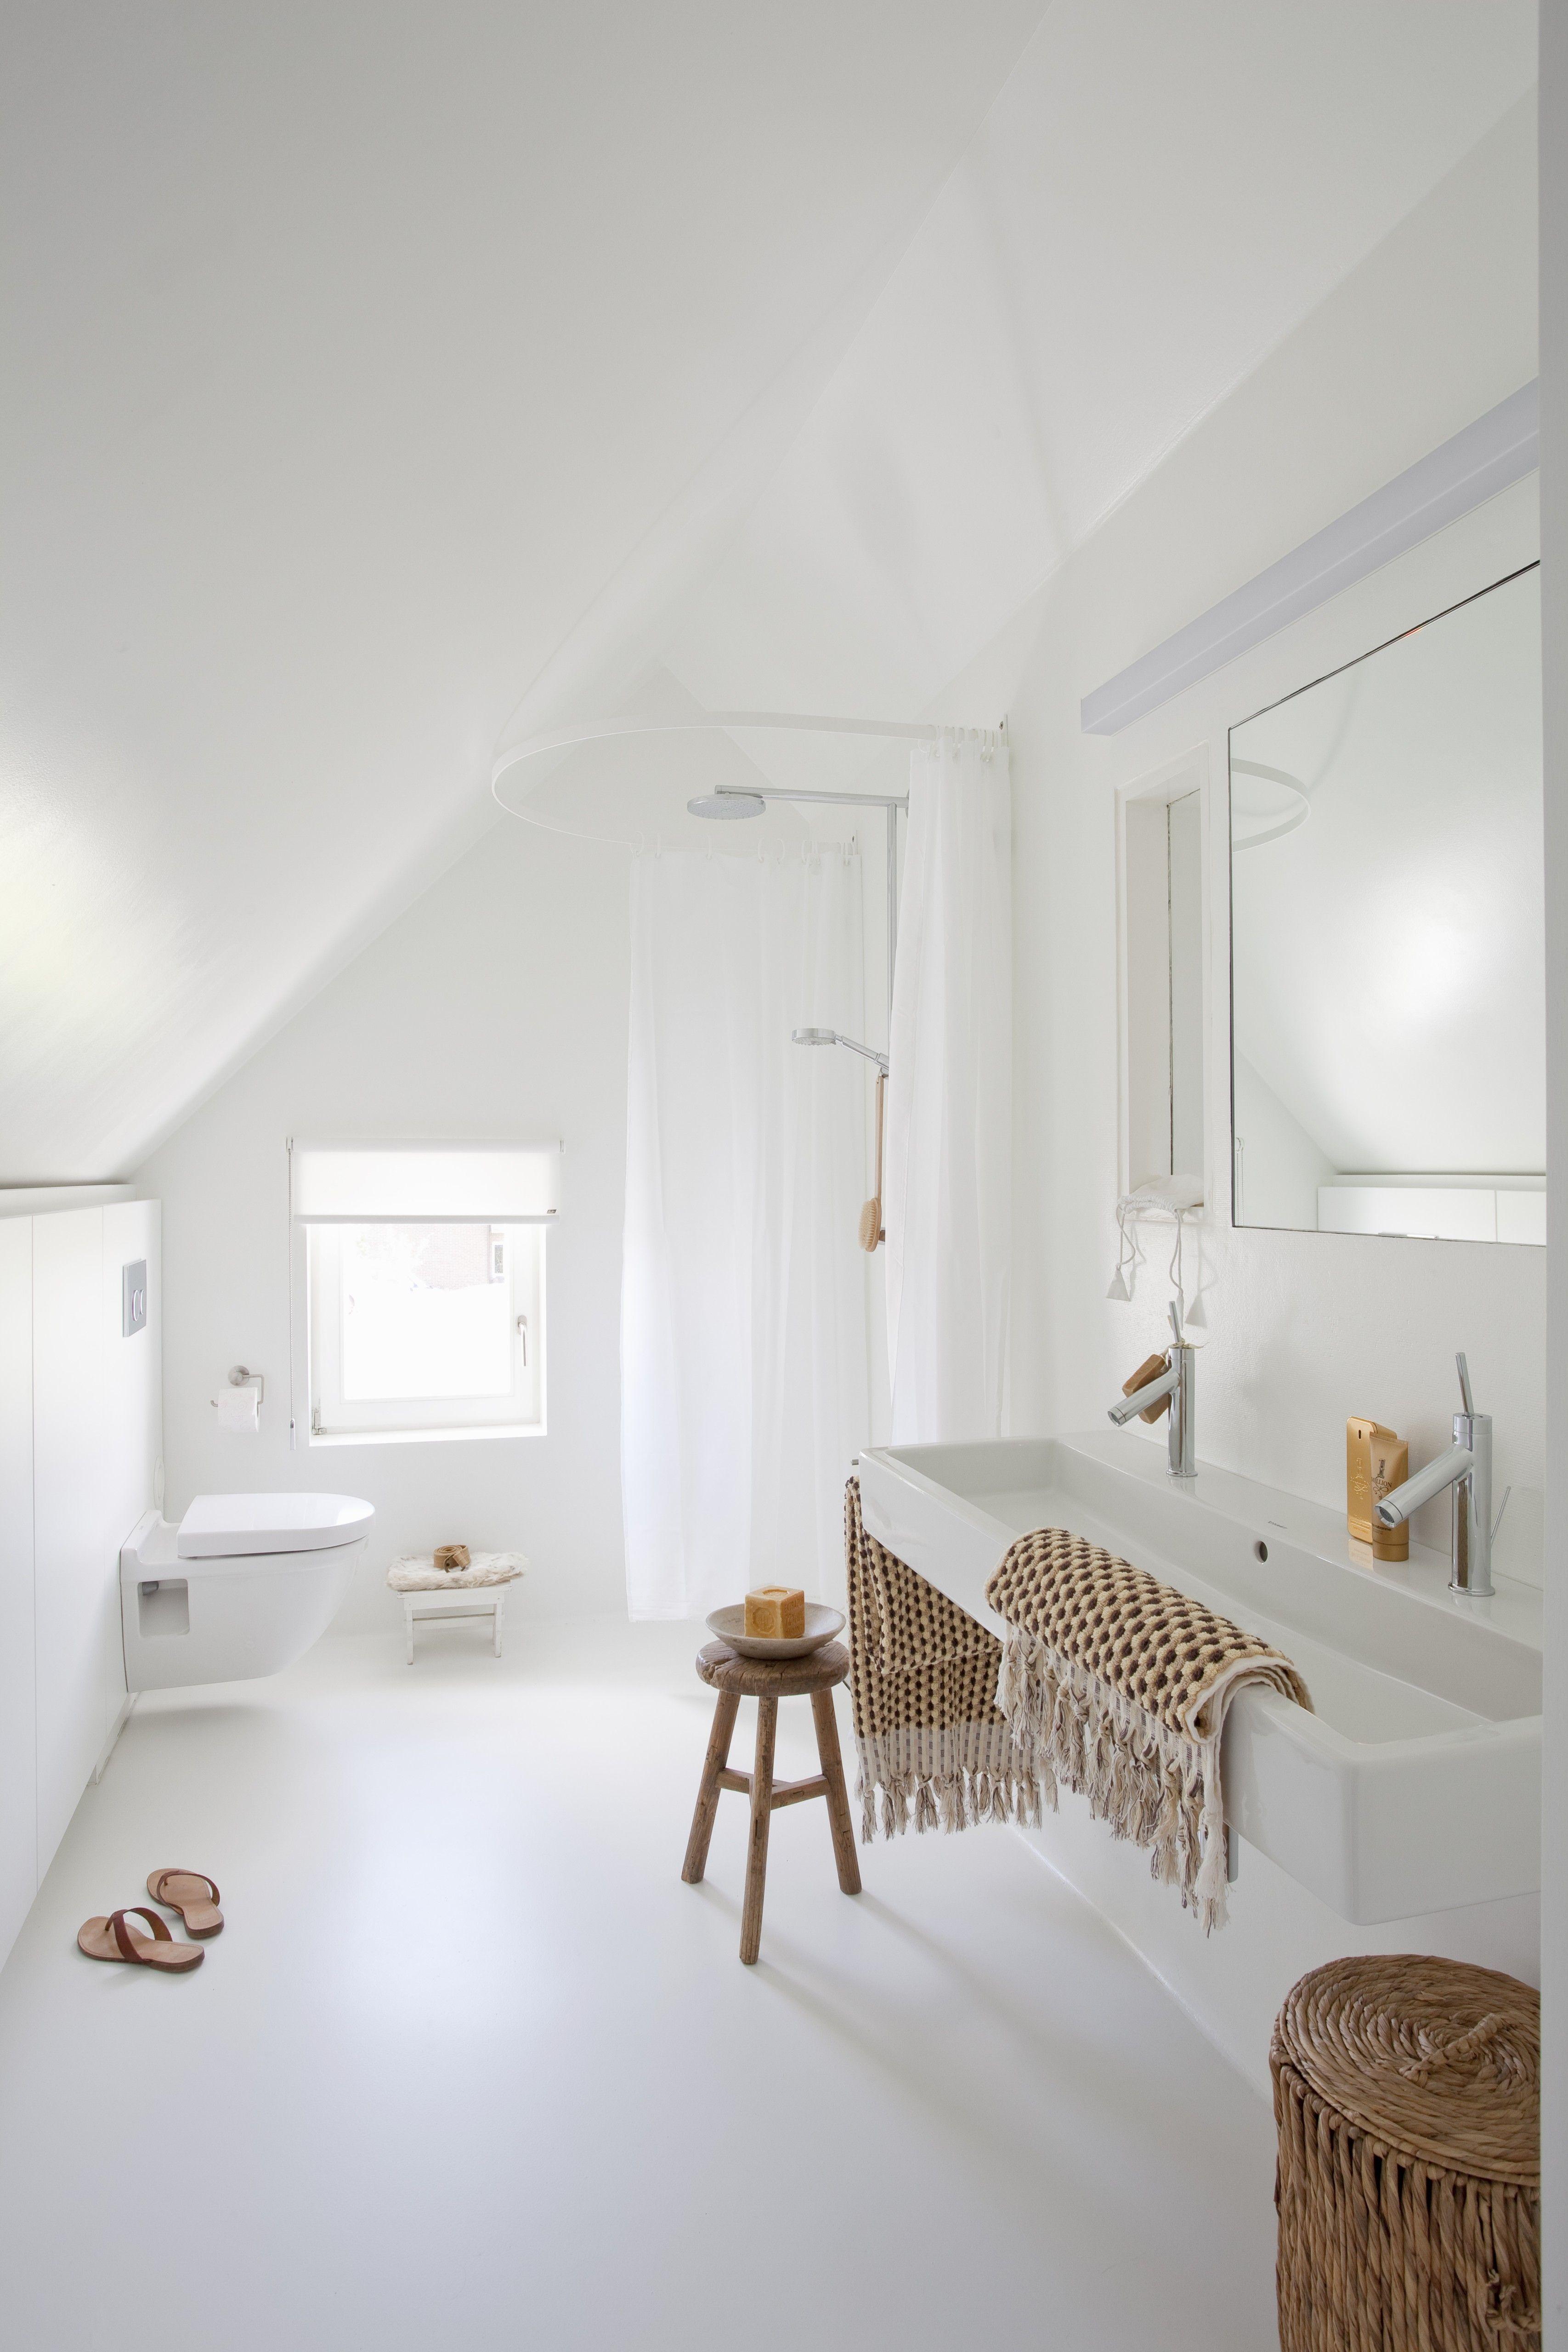 Kleines Badezimmer Einrichten Wohnung Schlafzimmer Dekoration Badezimmer Dekor